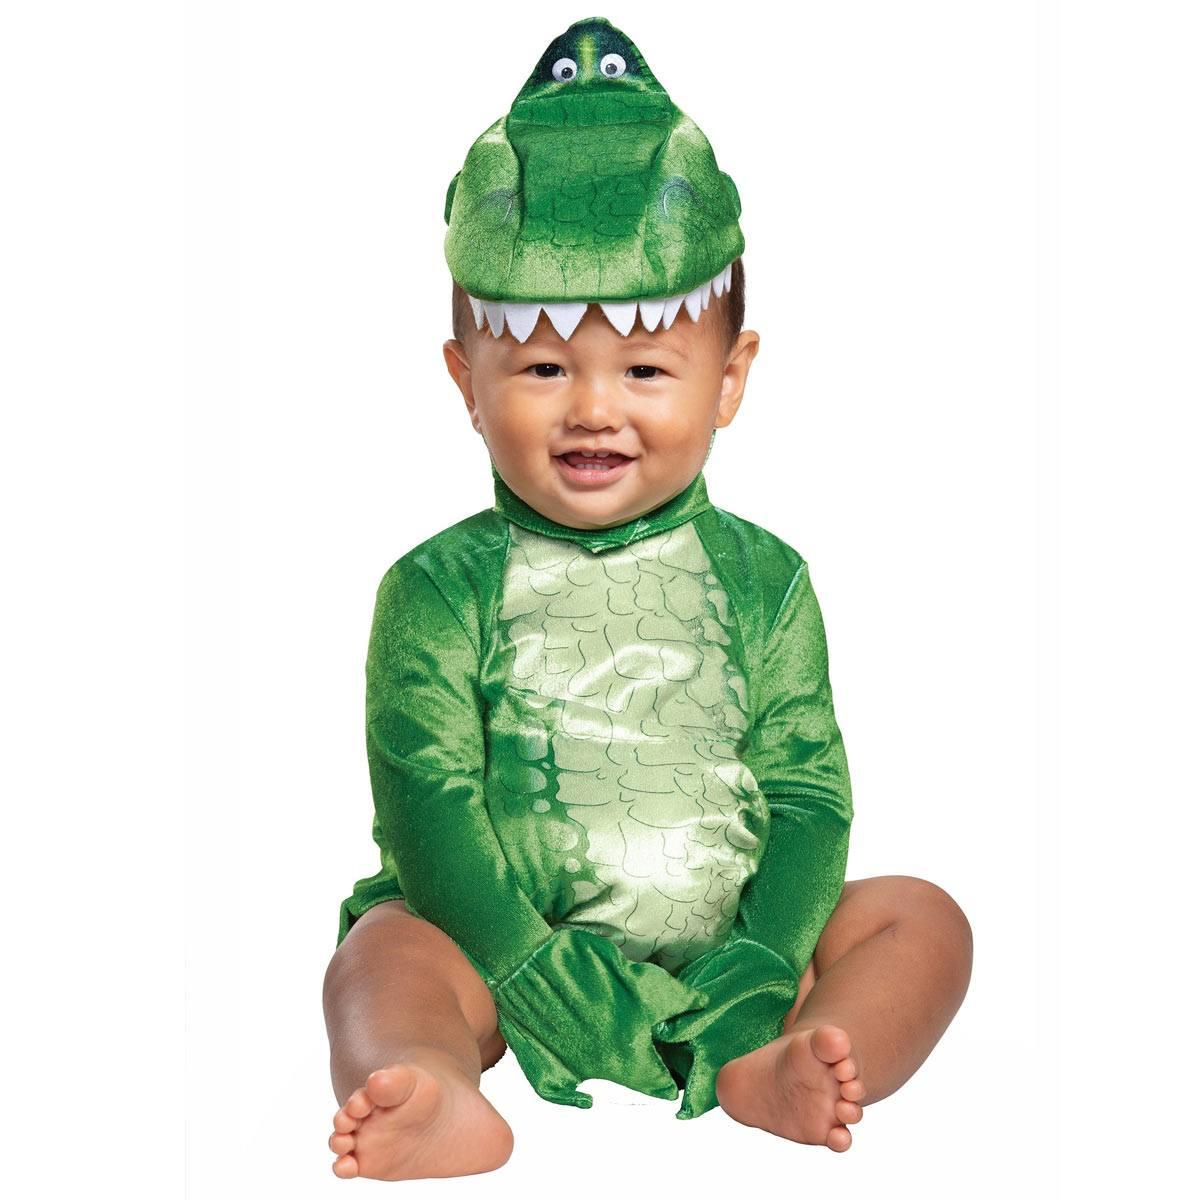 トイストーリー4 レックス恐竜 仮装 幼児用 衣装 ベービー用 着ぐるみ キッズ用 ハロウィン Toy Story 4